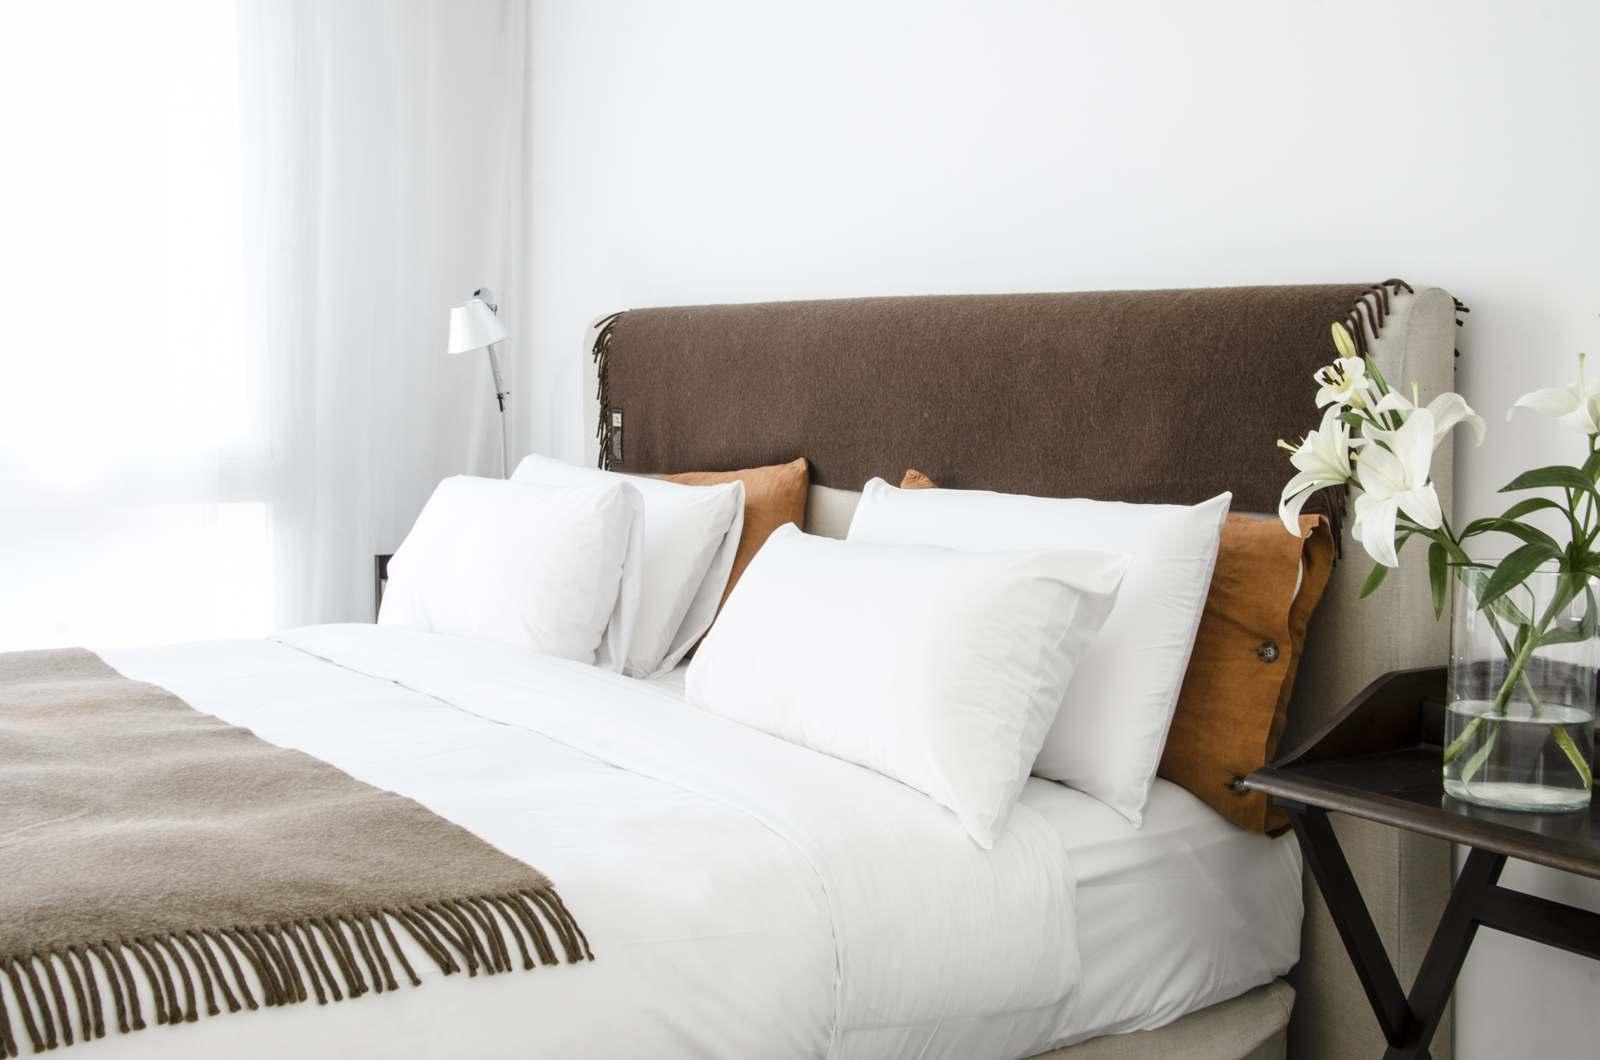 Promociones design ce hotel de dise o for Design ce hotel